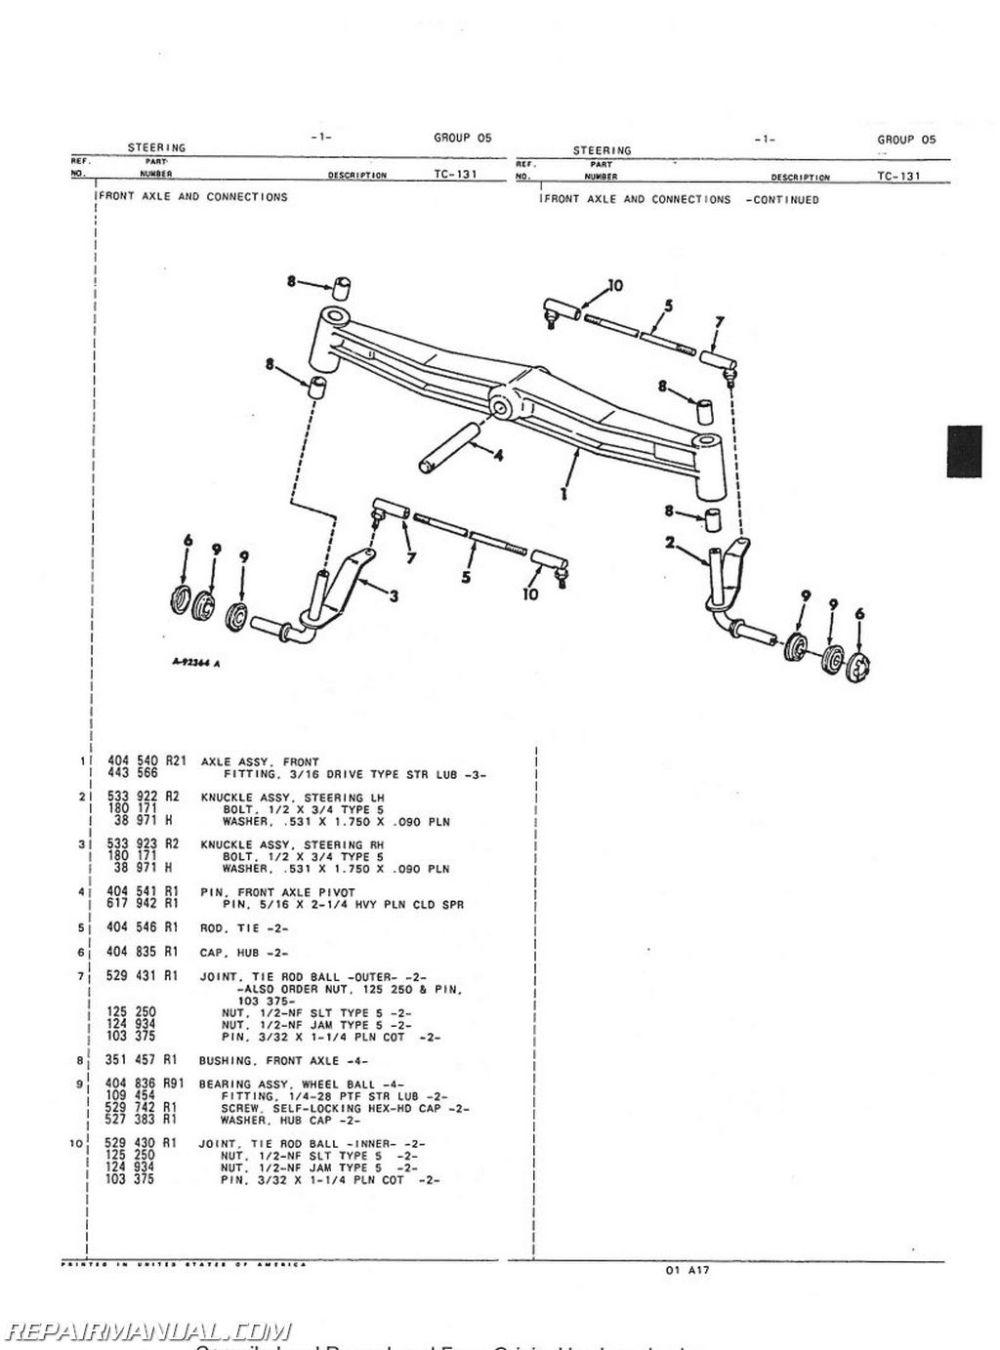 medium resolution of 154 international harvester wiring schematics simple wiring diagram u2022 basic house wiring schematics 154 international harvester wiring schematics